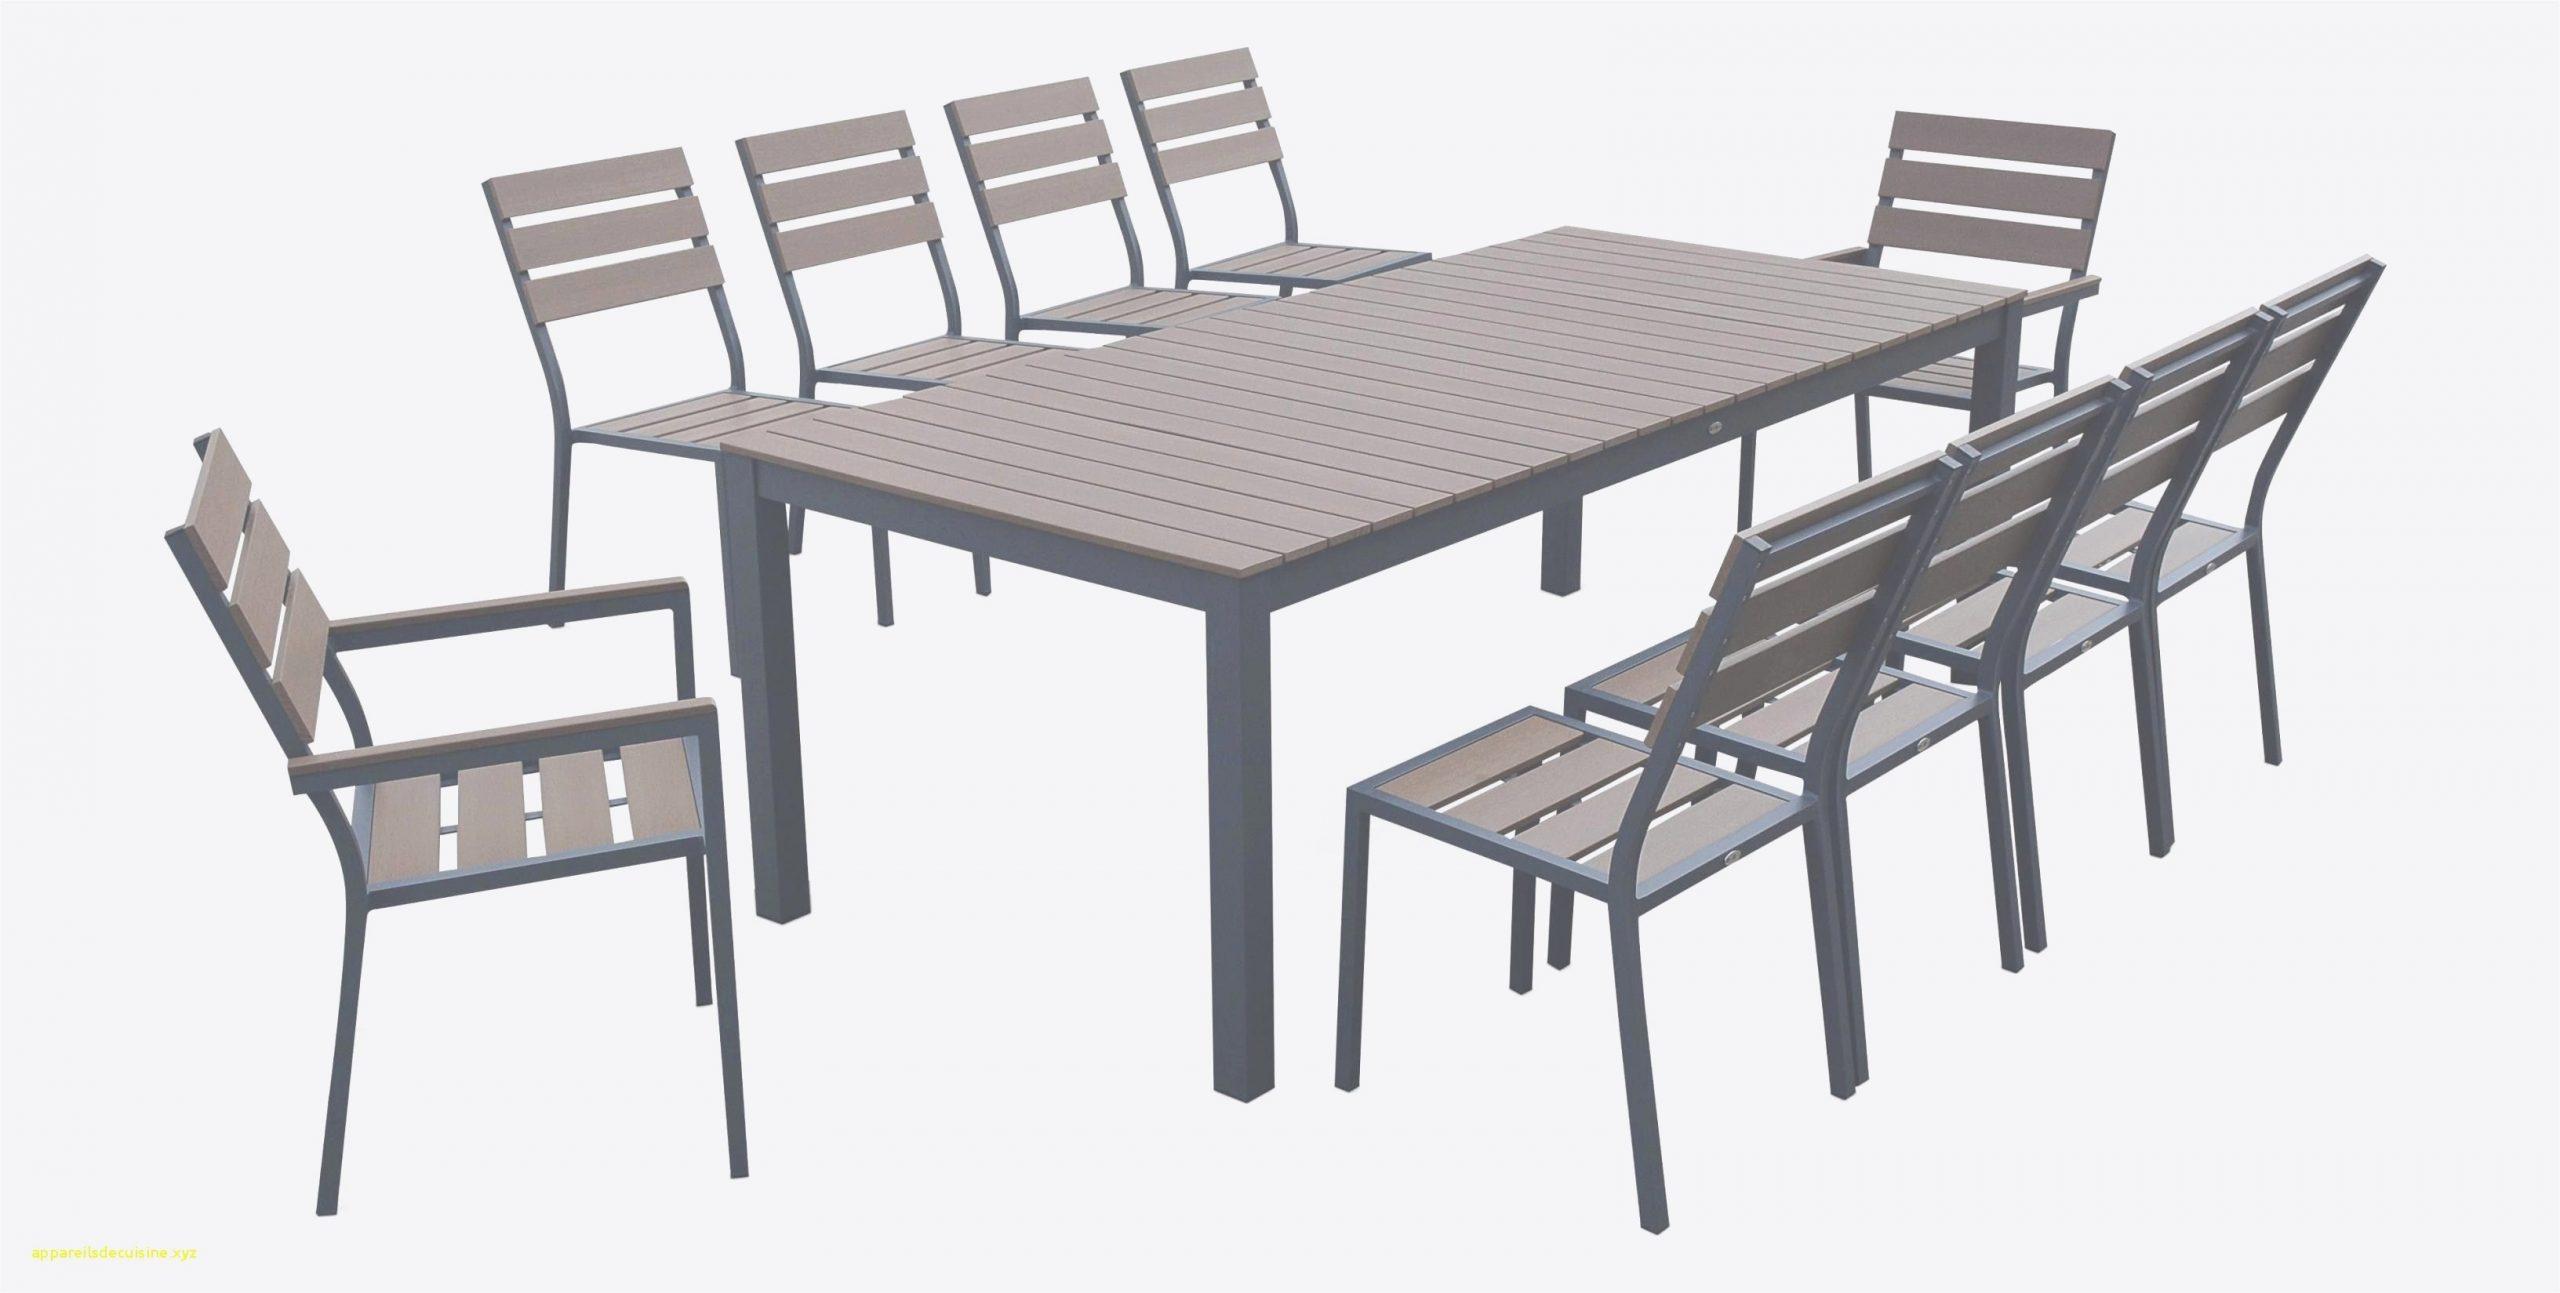 Meubles Carrefour Soldes Table Basse De Jardin Pas Cher ... dedans Table De Jardin En Solde